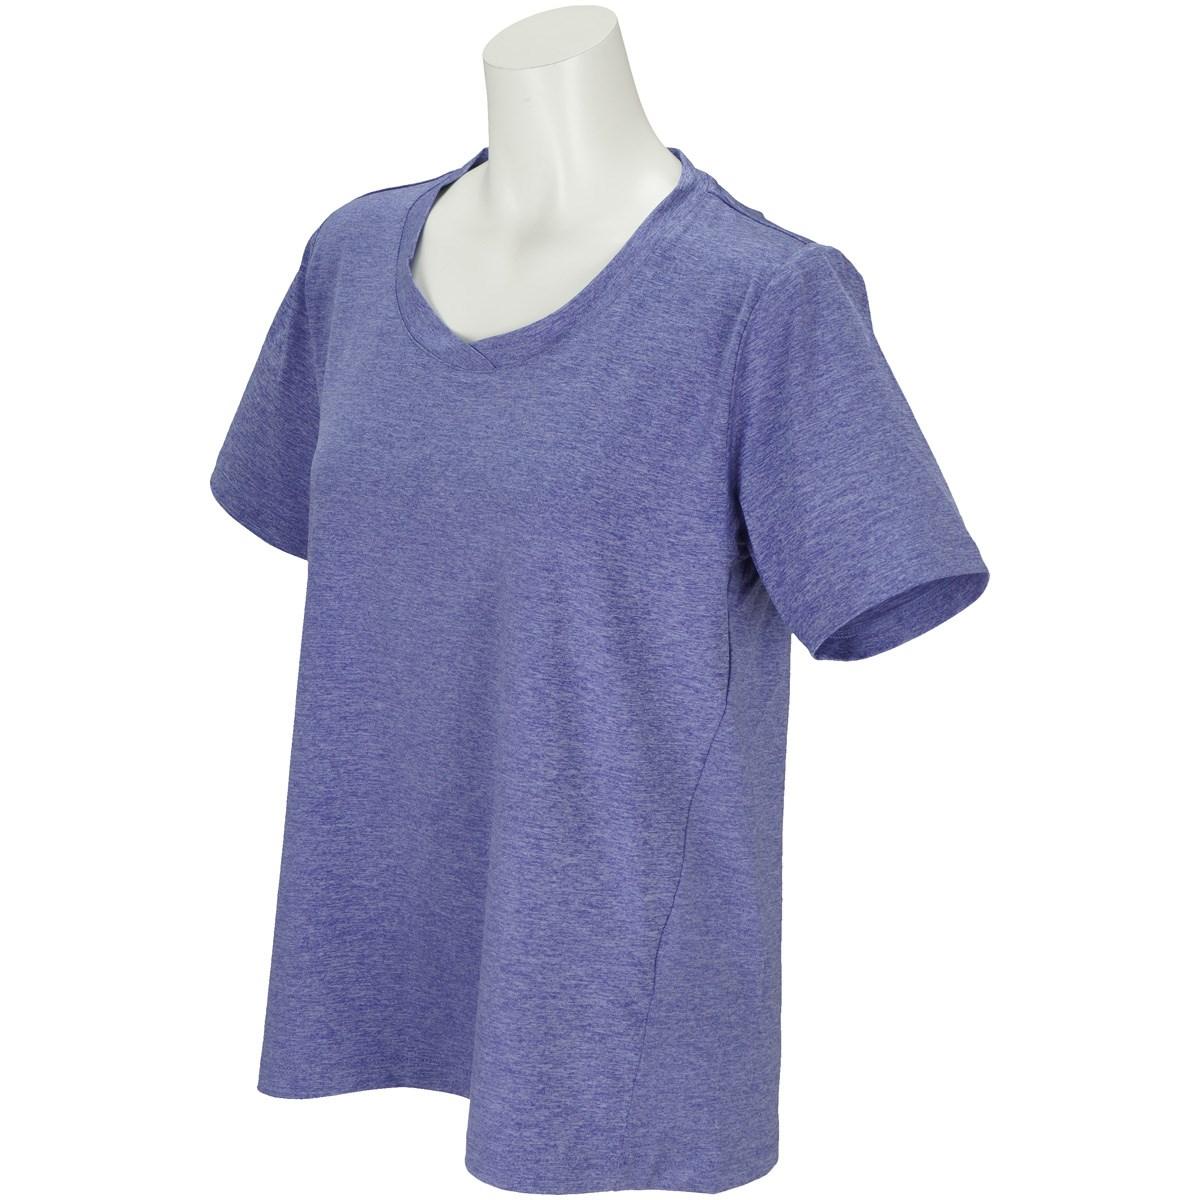 ボディグローブ BODY GLOBE ストレッチ デザイン半袖Tシャツ M パープル レディス